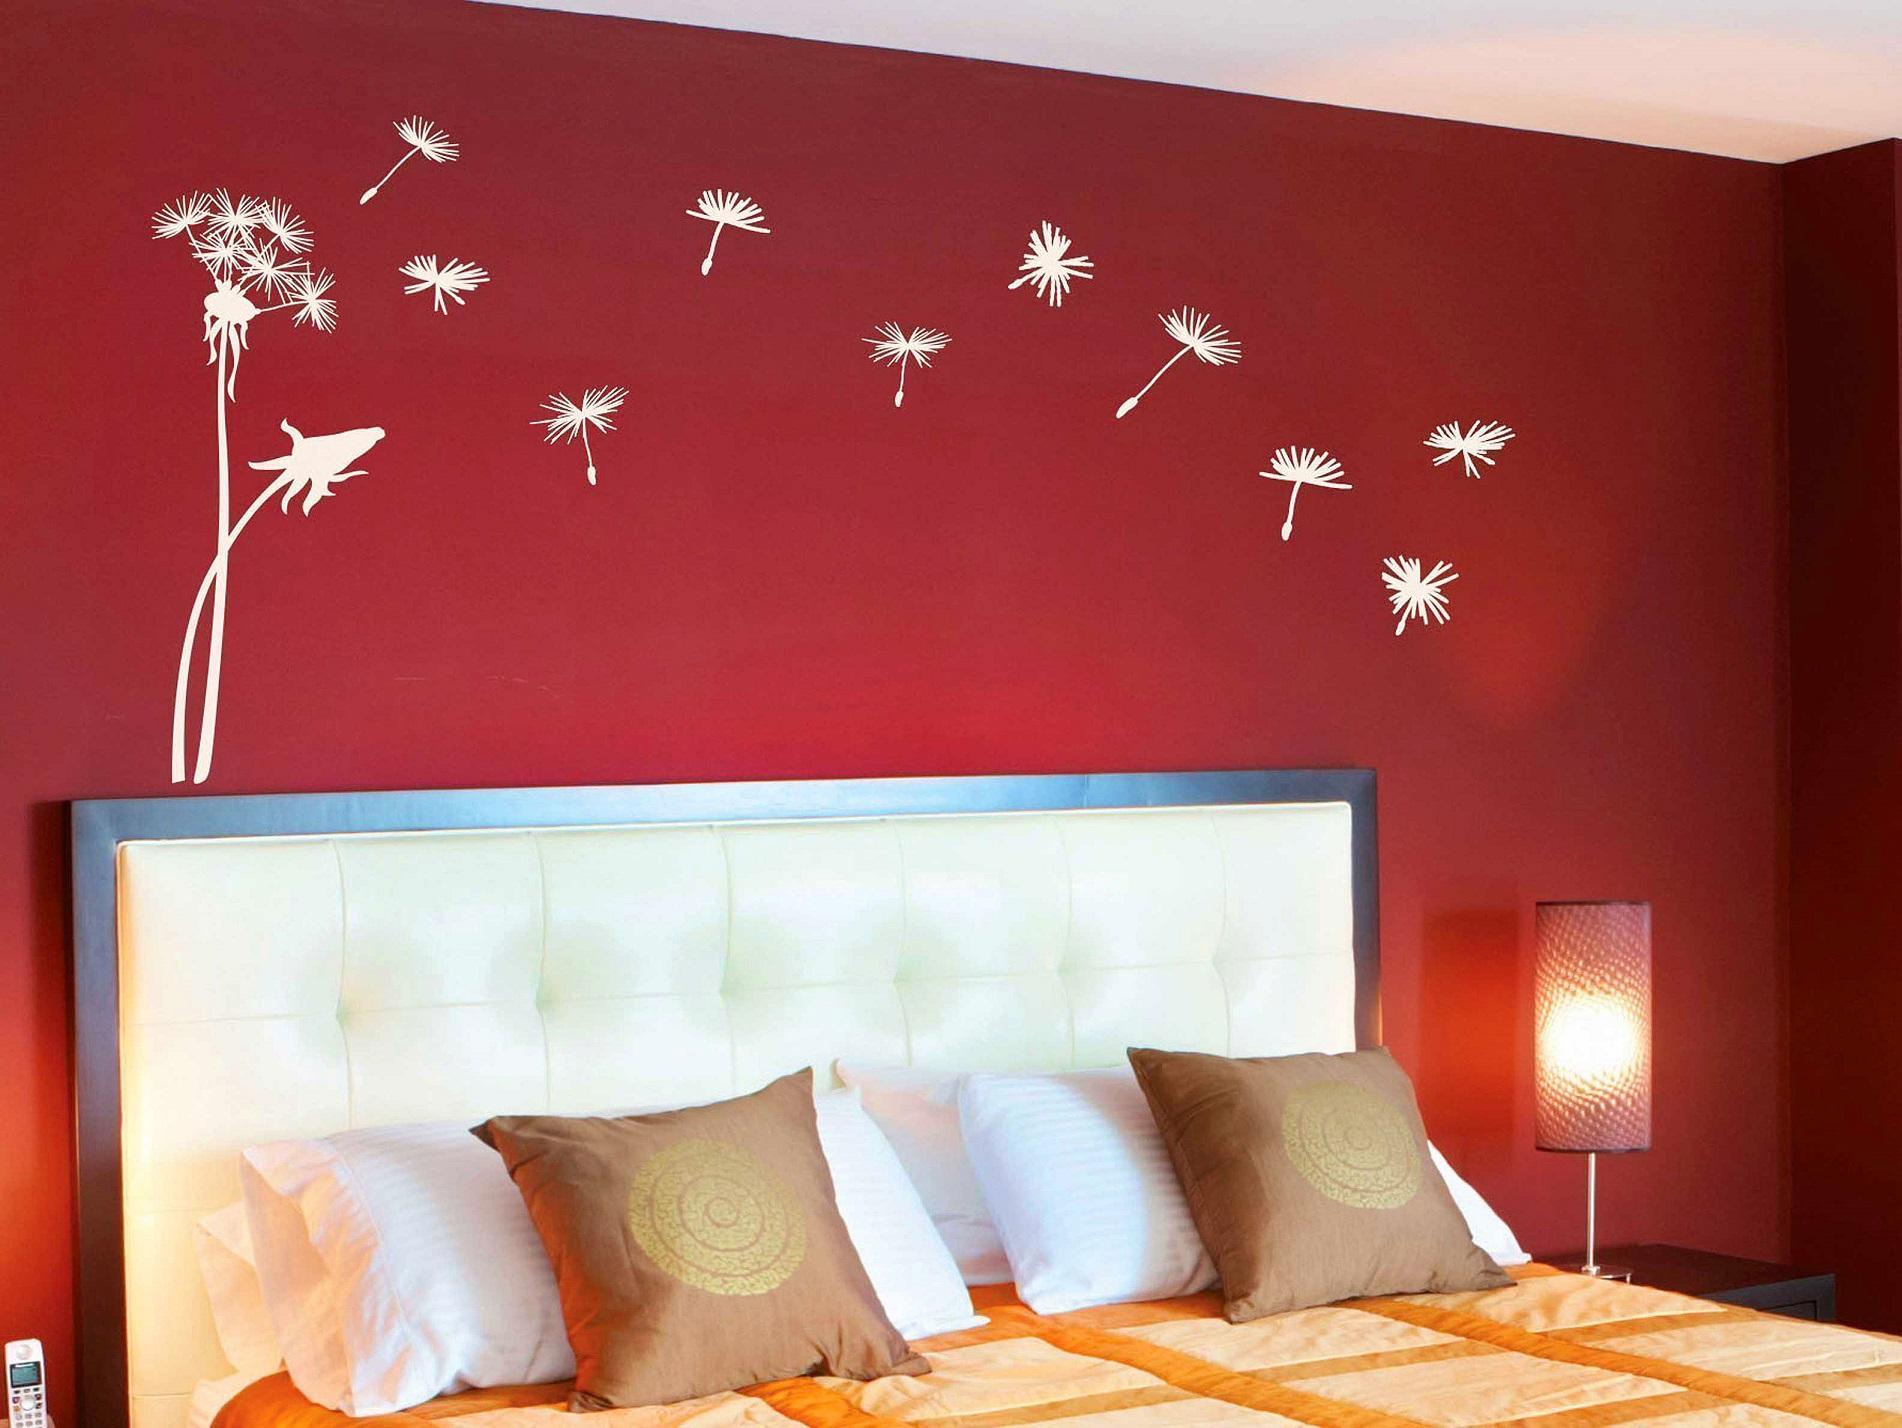 Декорирование стен рисунками